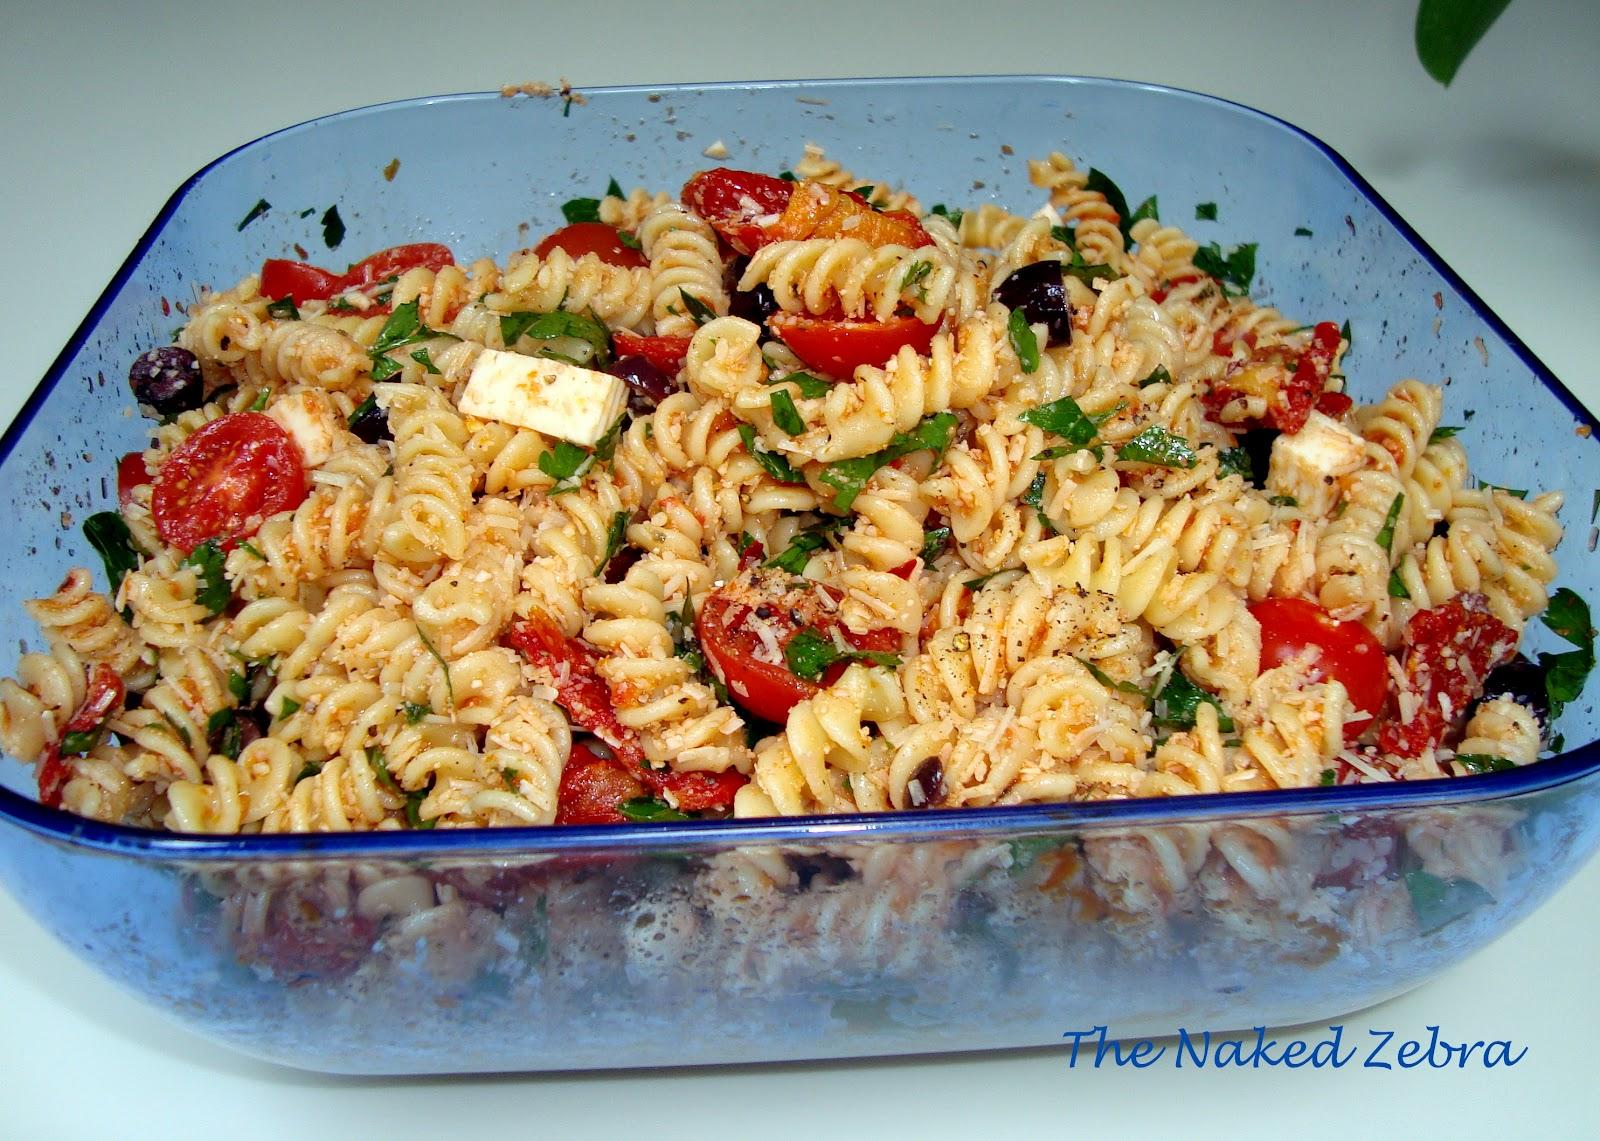 The Naked Zebra Tomato Feta Pasta Salad Ina Garten